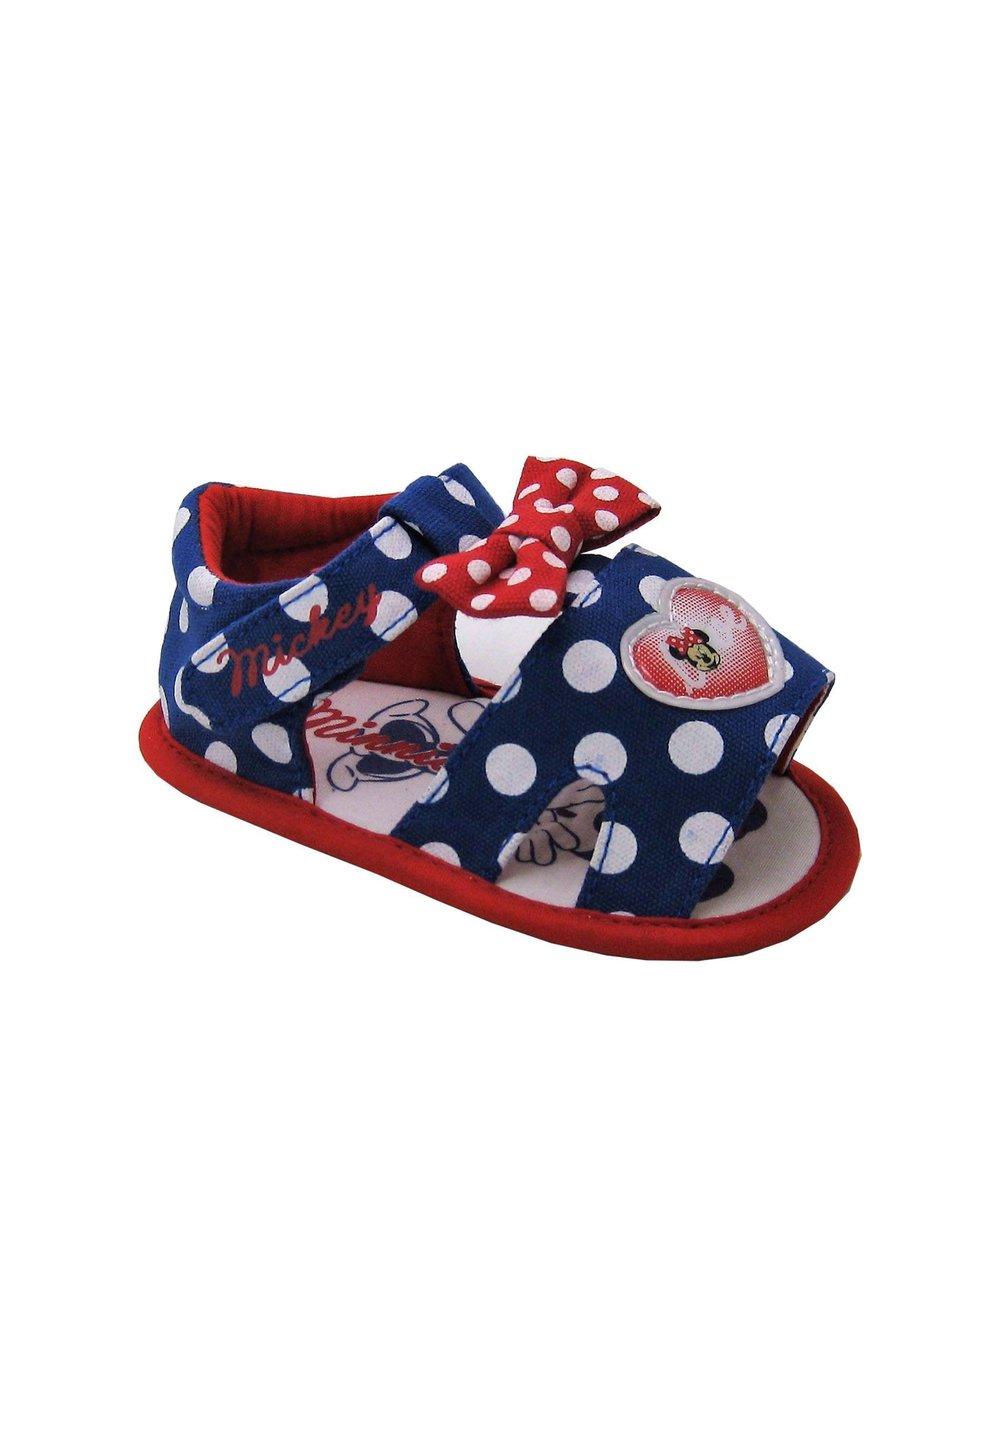 Sandale bebe, albastru cu buline, Minnie Mouse imagine